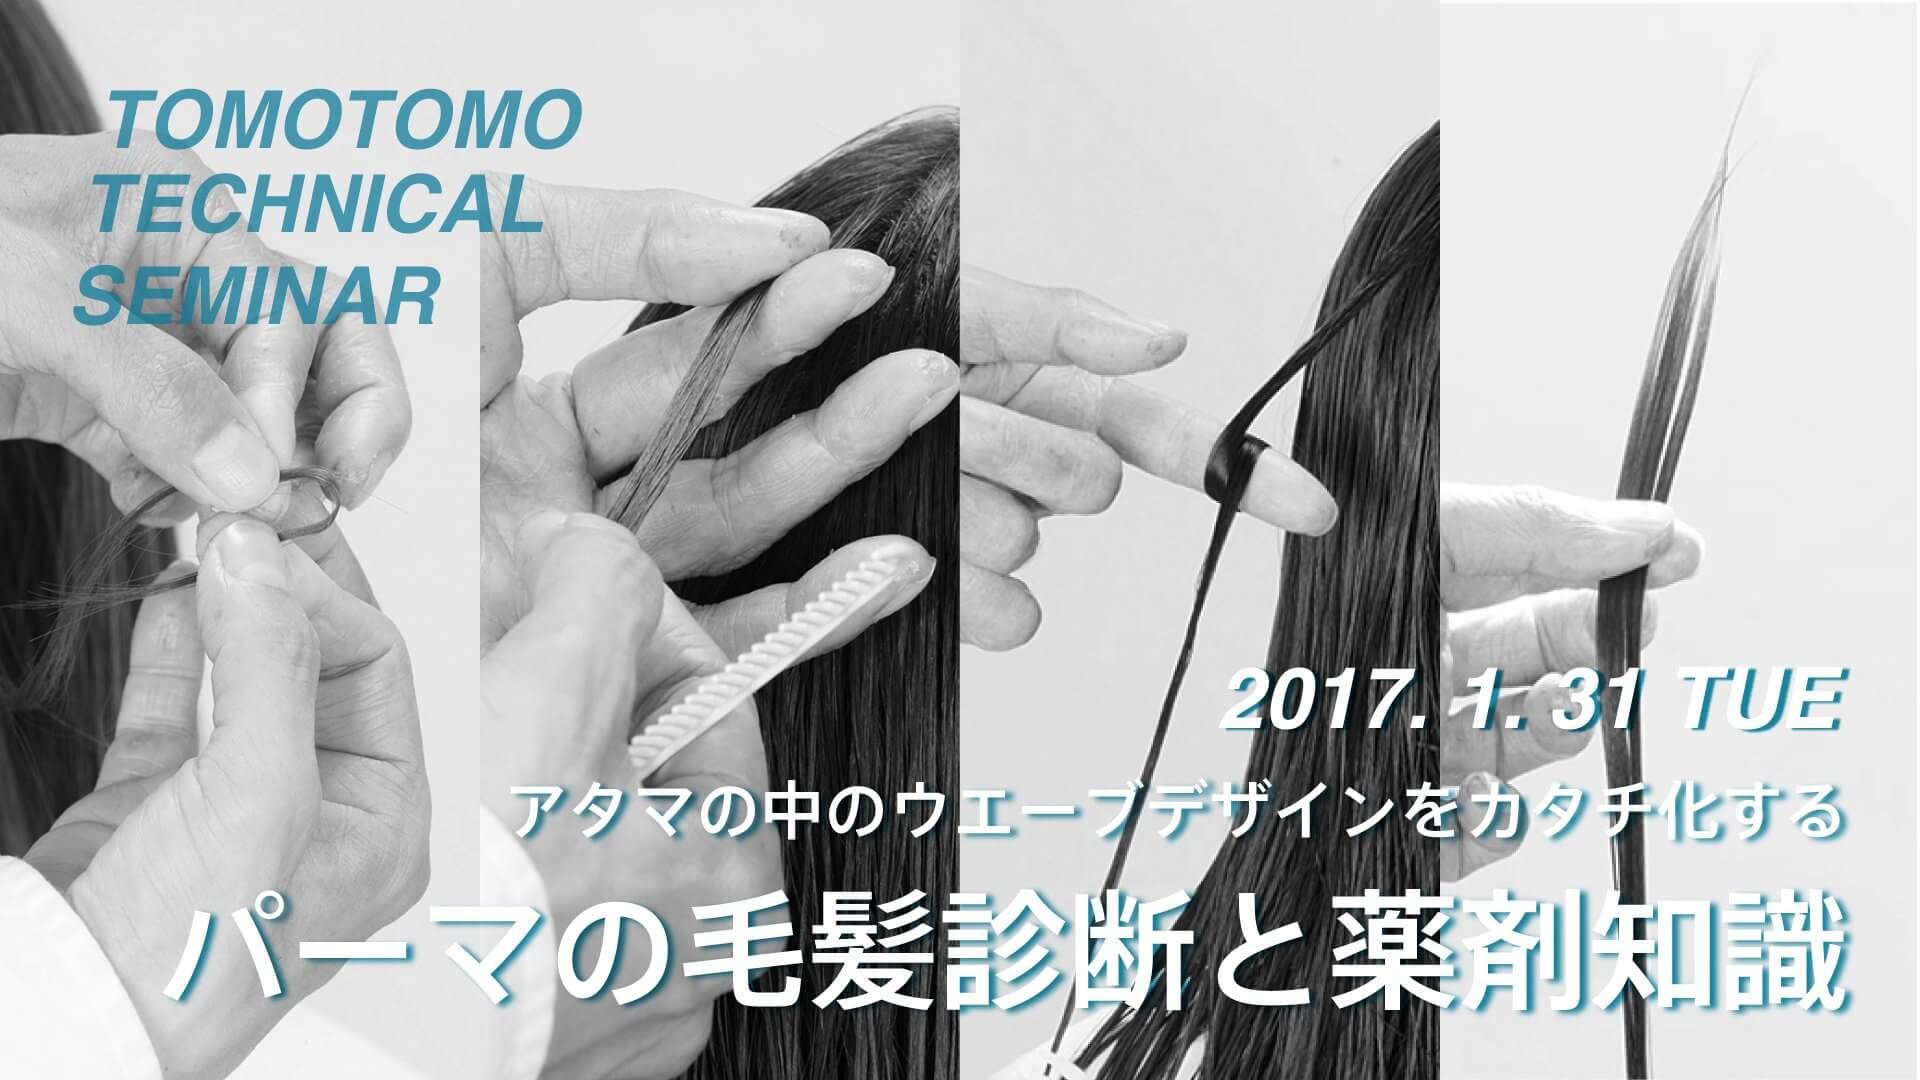 TOMOTOMO技術セミナー「パーマの毛髪診断と薬剤知識」スペシャルインタビュー